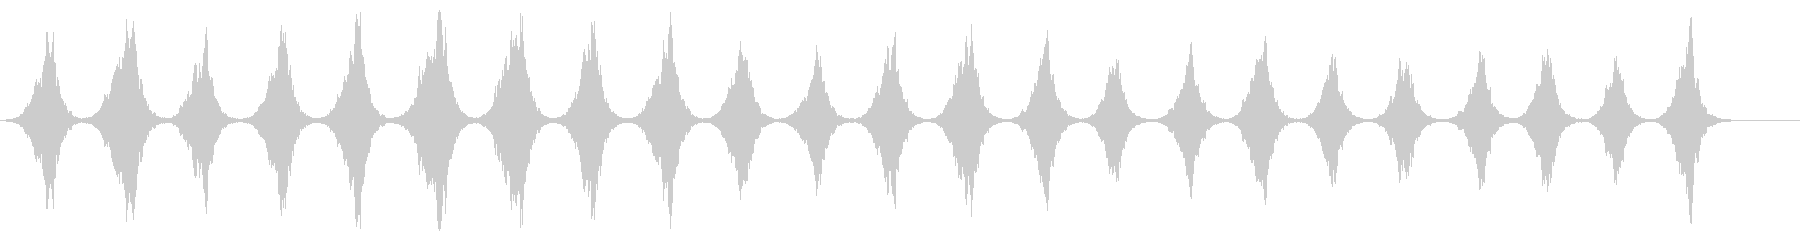 ノスタルジックなホラー現代音楽の未再生の波形